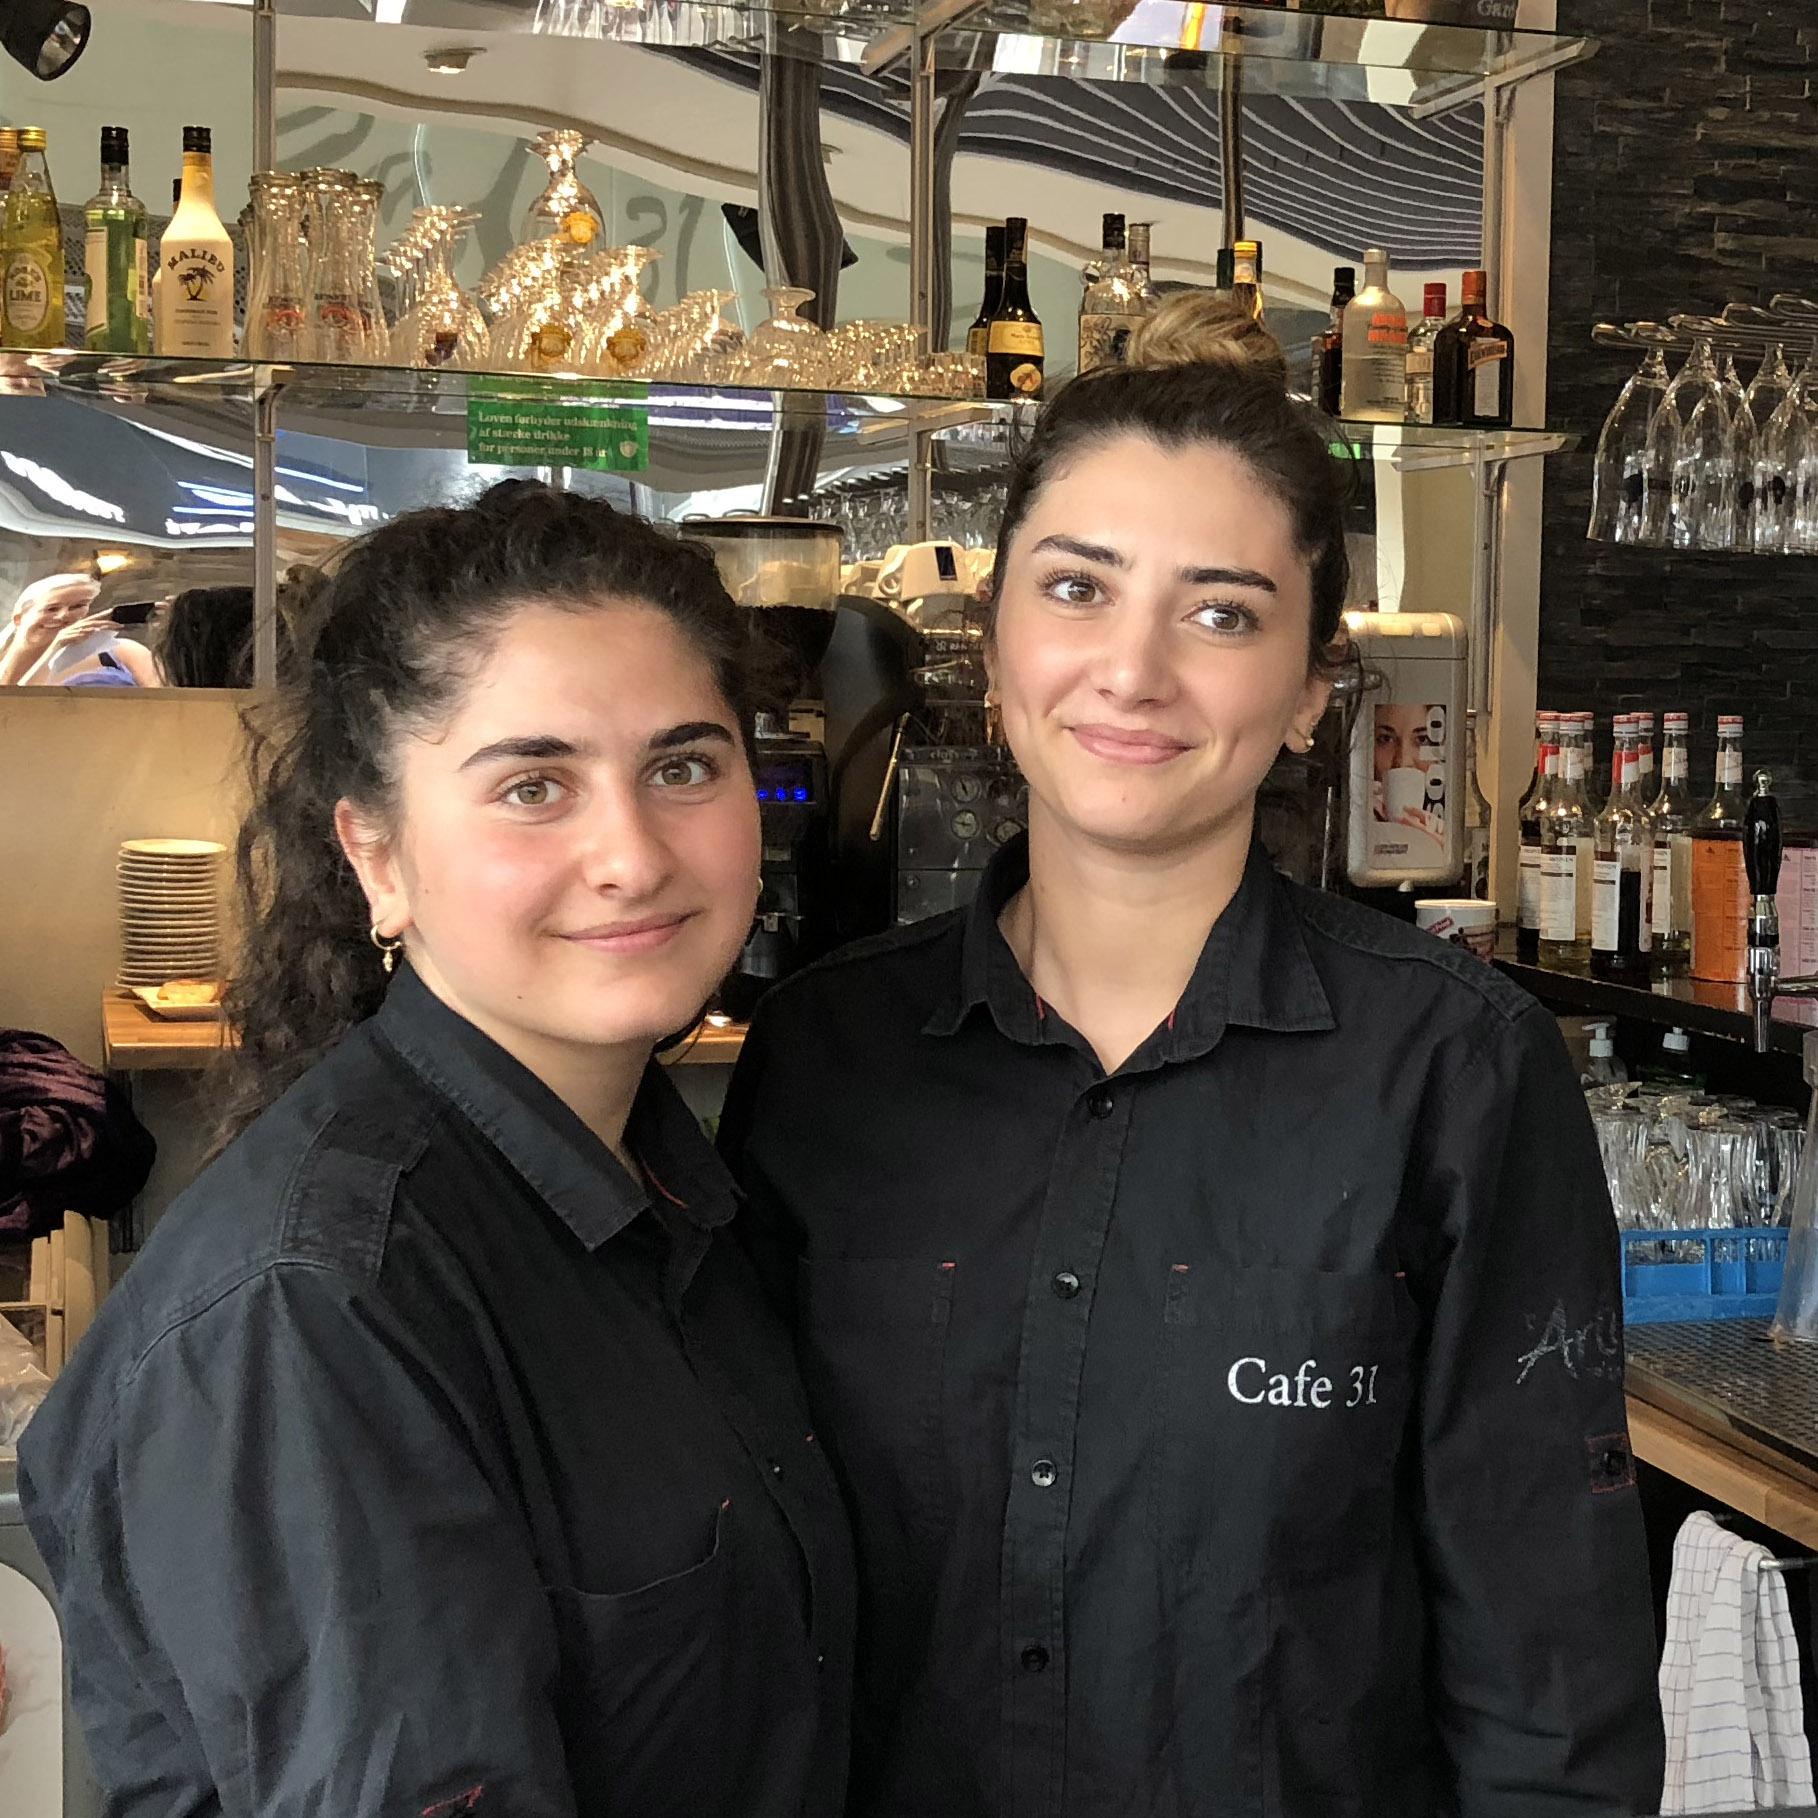 Cafe 31 Butikschef